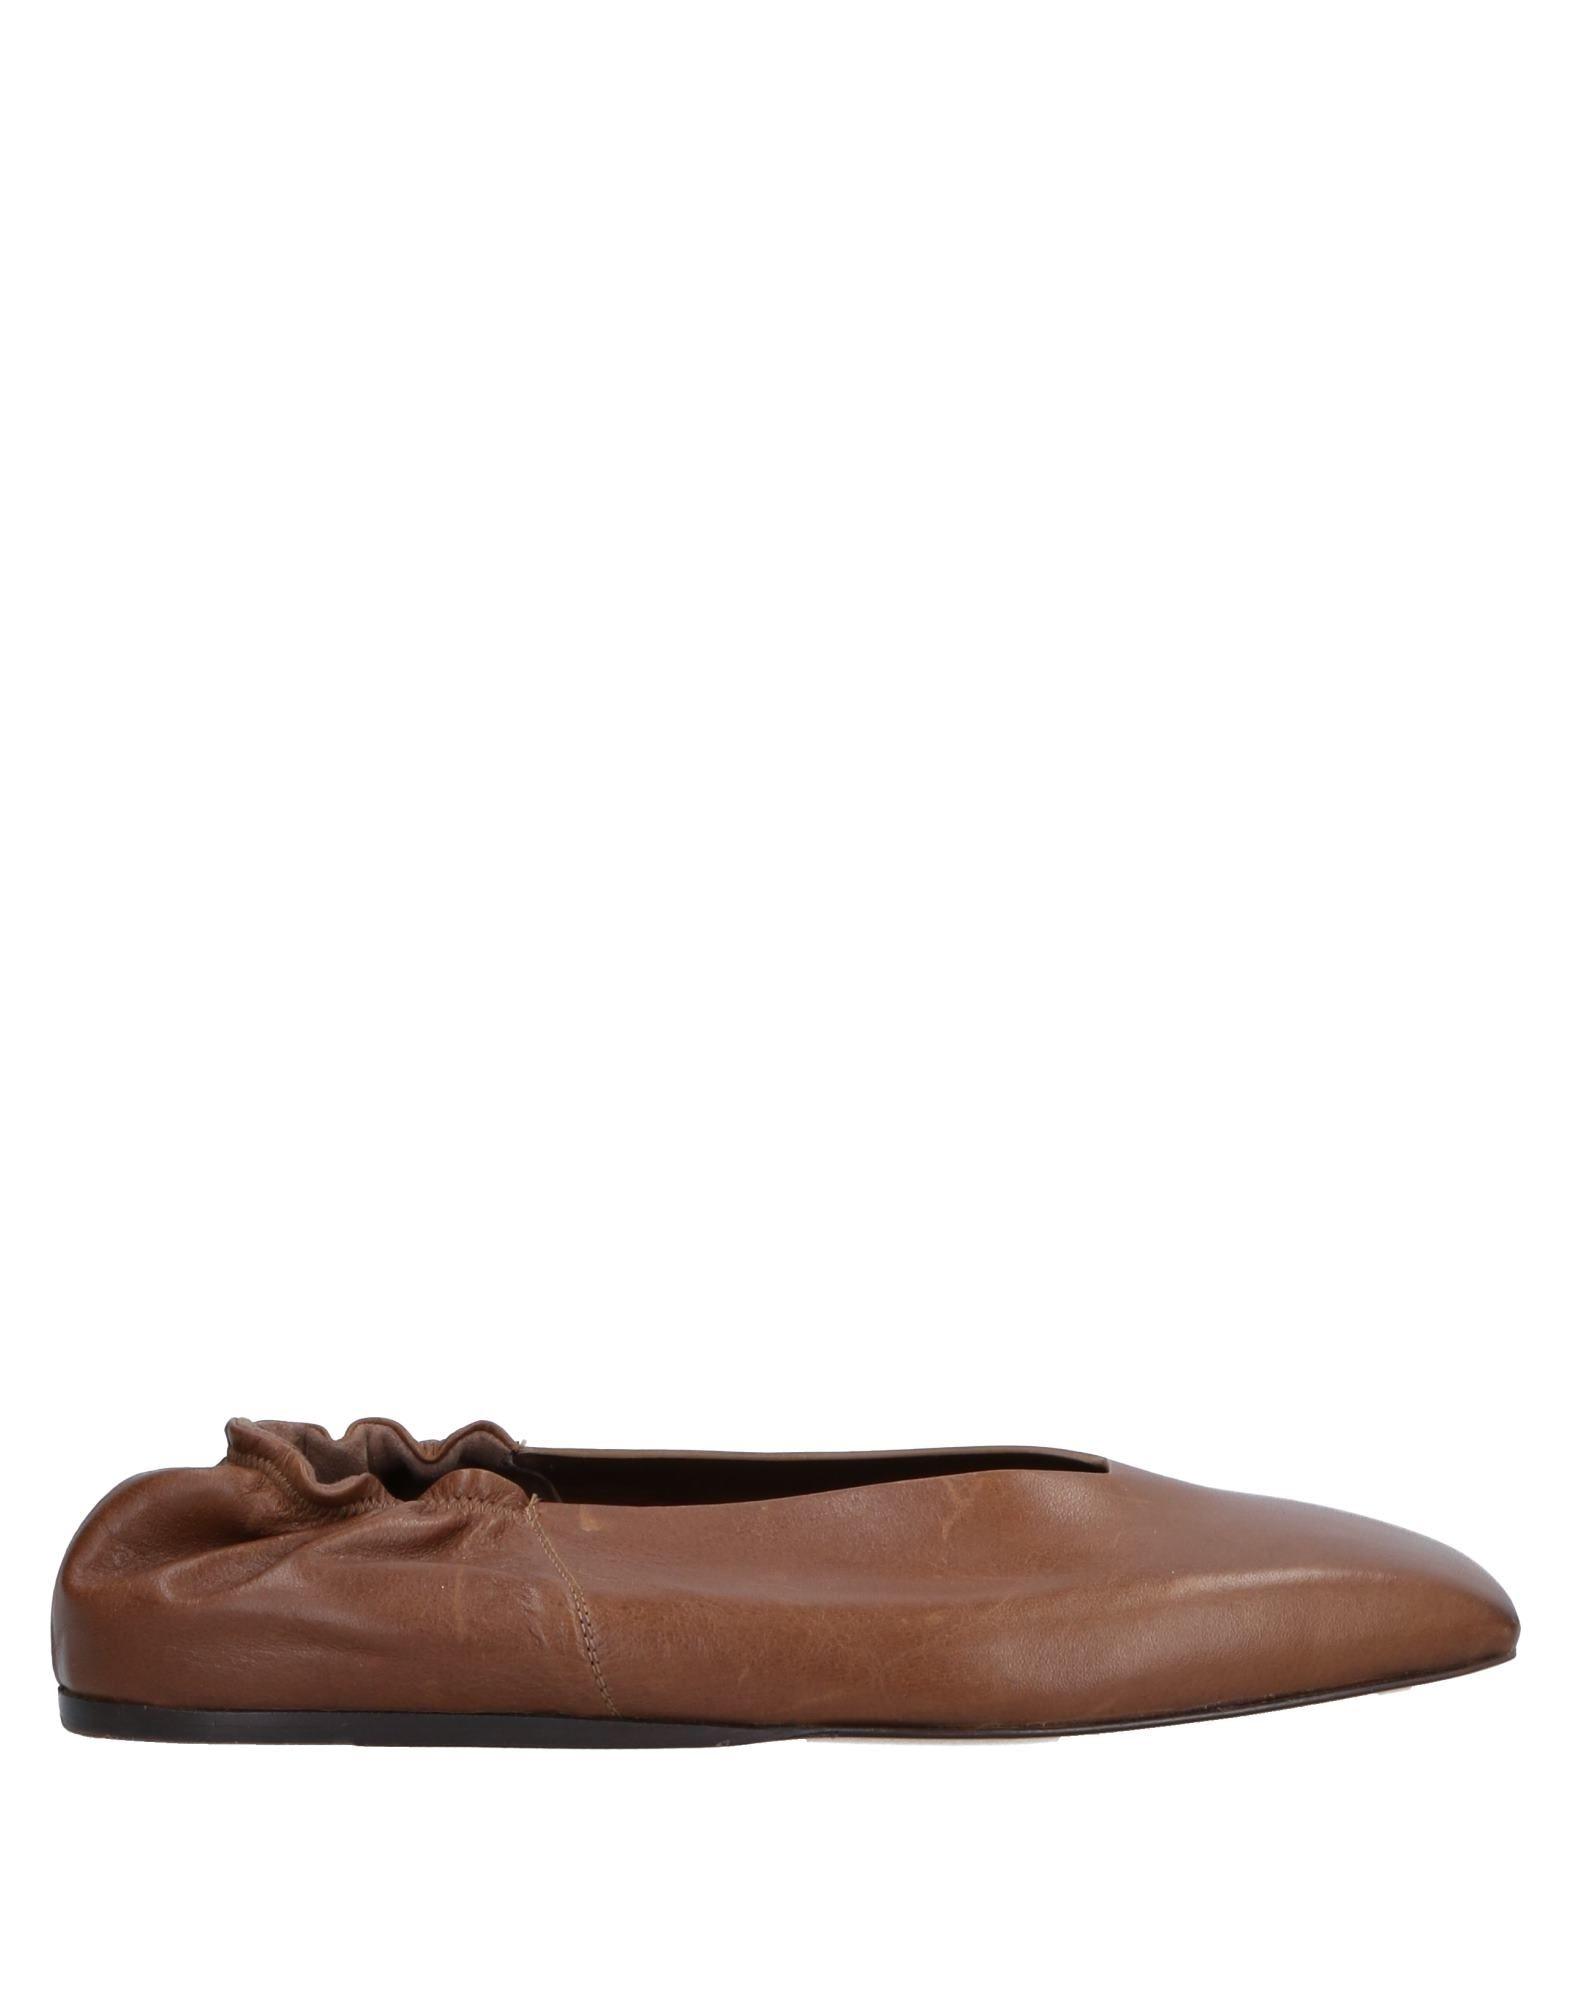 Rick Owens Ballet Flats - Women Rick Owens  Ballet Flats online on  Owens Canada - 11515896AS 4e0296